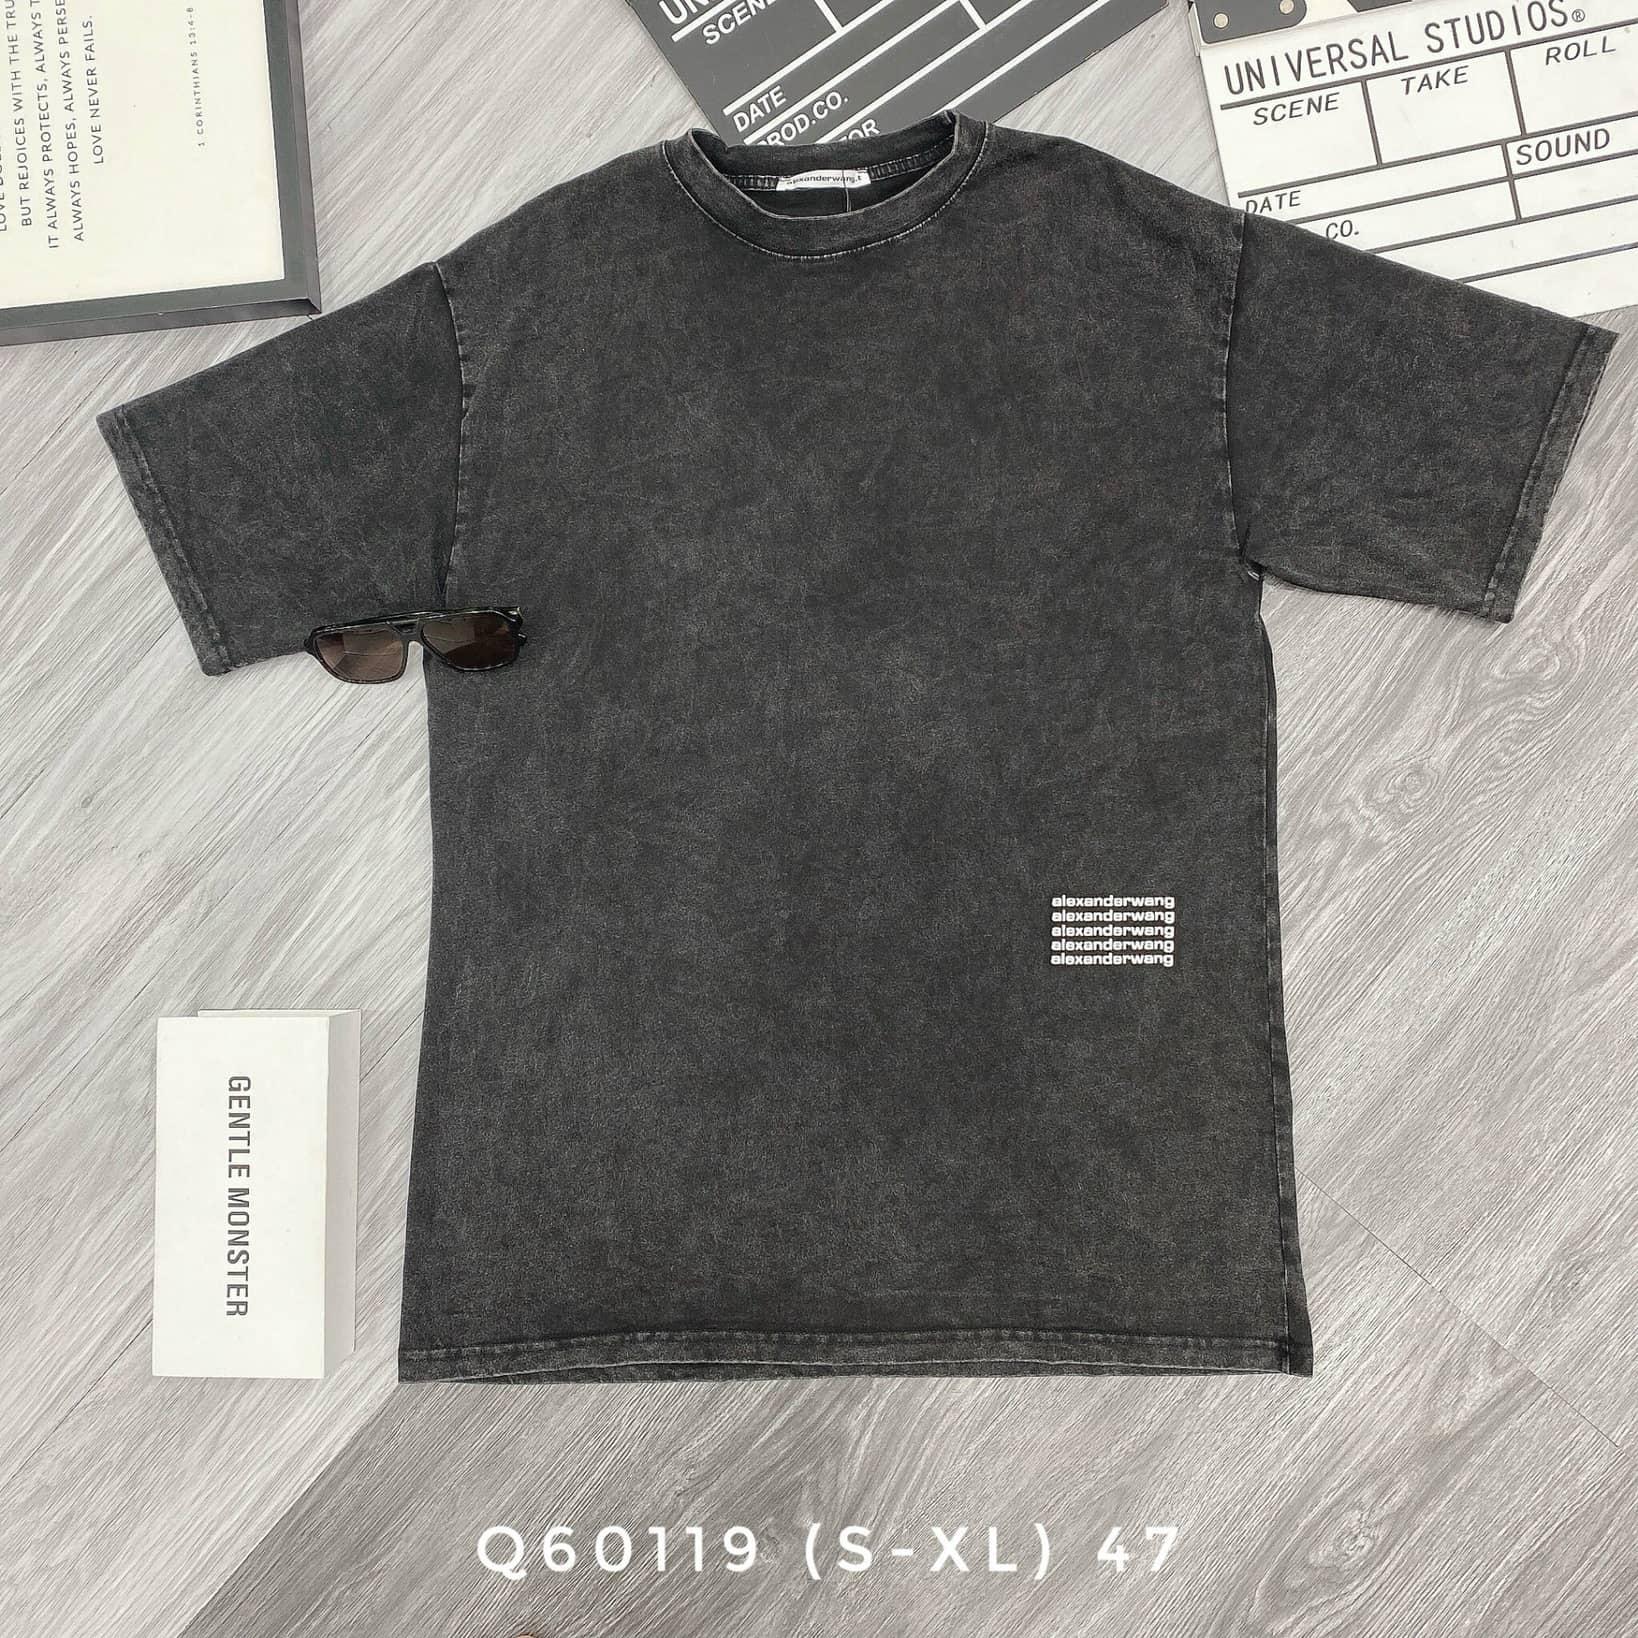 AT CỔ TRÒN Q60119 (S-XL)